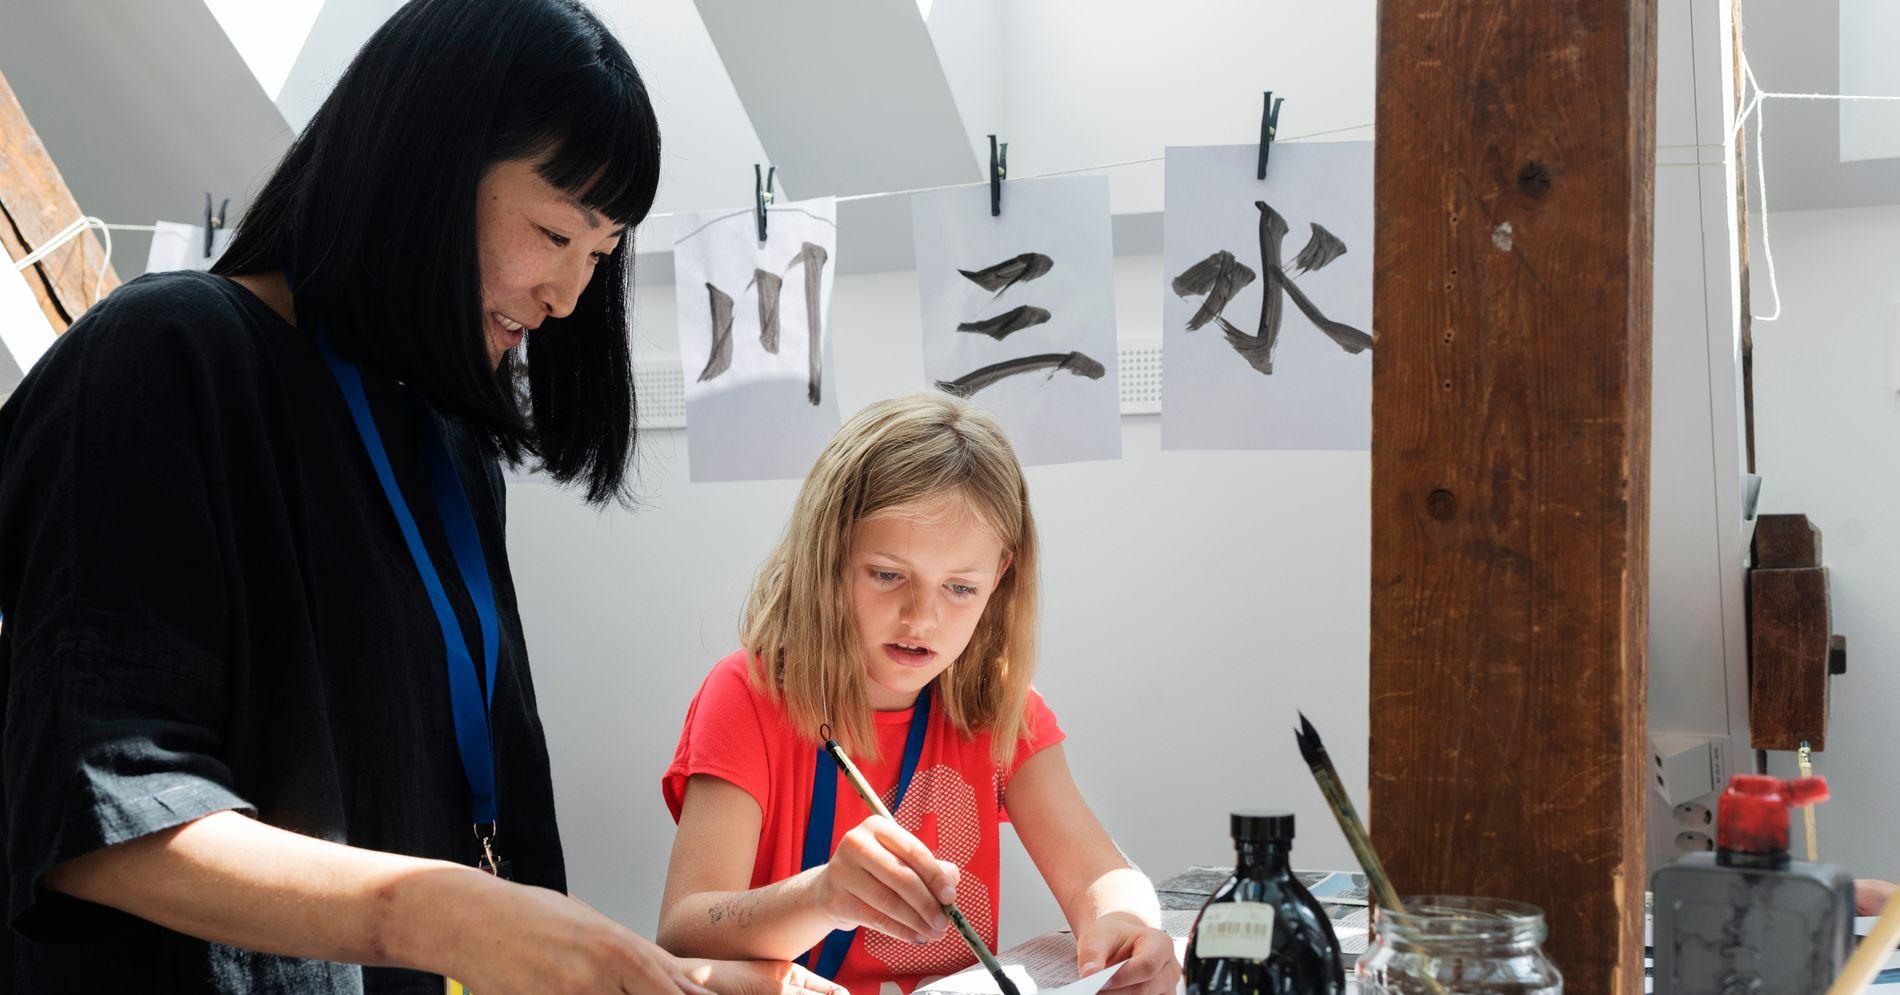 De vil motvirke hverdagsrasisme mot asiater. Nå underviser de barn i drager og dumplings.